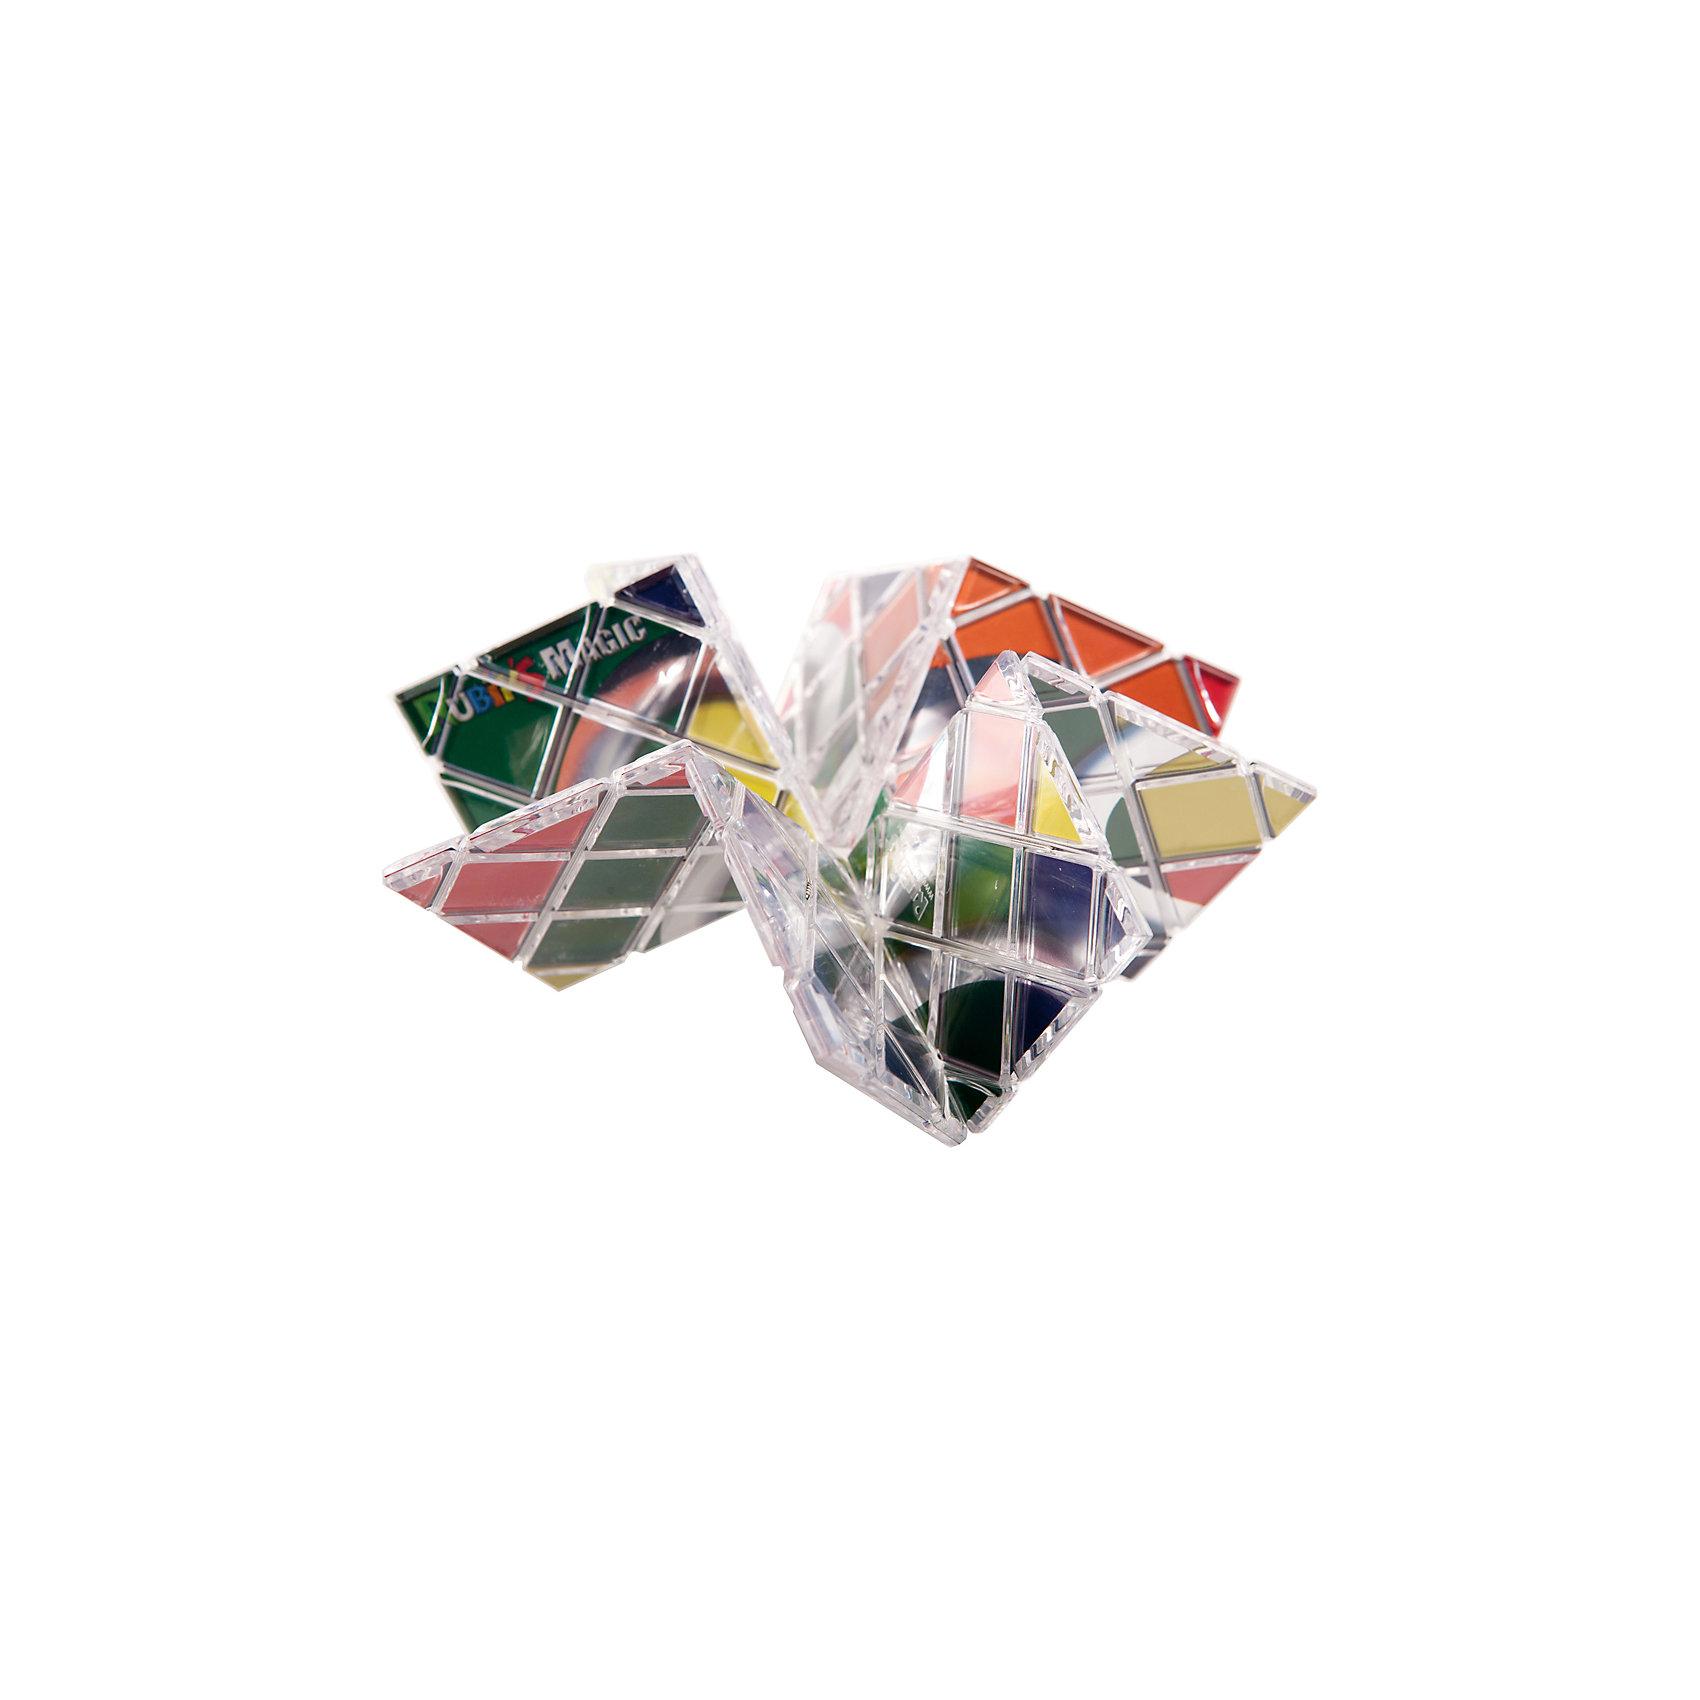 Головоломка-трансформер Магия,  RubiksГоловоломки Кубик Рубика<br>Характеристики:<br><br>• возраст: от 7 лет;<br>• сложность игры: 1/5;<br>• материал: пластик;<br>• комплект: головоломка, инструкция по сборке на русском языке;<br>• количество игроков: 1;<br>• время игры: 30 мин.;<br>• размер упаковки 5х10х5 см;<br>• вес упаковки 200 г.;<br>• тип упаковки: двойной блистер; <br>• размер игрушки: 21х10,5х0,4 см.<br><br>Необычная головоломка состоит из 8 квадратных панелей, которые образуют прямоугольную пластину с рисунком в виде трех колец, когда головоломка правильно собрана. Панели связаны между собой леской, поэтому головоломку можно гнуть, крутить и сворачивать в различных направлениях.<br><br>Цель игры – собрать осмысленный рисунок на одной из сторон пластины или построить трехмерную фигуру из ее панелей. Игра развивает творческие способности, смекалку, сообразительность, внимательность.<br><br>Головоломку-трансформер «Магия», Rubiks можно приобрести в нашем интернет-магазине.<br><br>Ширина мм: 165<br>Глубина мм: 85<br>Высота мм: 230<br>Вес г: 300<br>Возраст от месяцев: 84<br>Возраст до месяцев: 2147483647<br>Пол: Унисекс<br>Возраст: Детский<br>SKU: 7028995